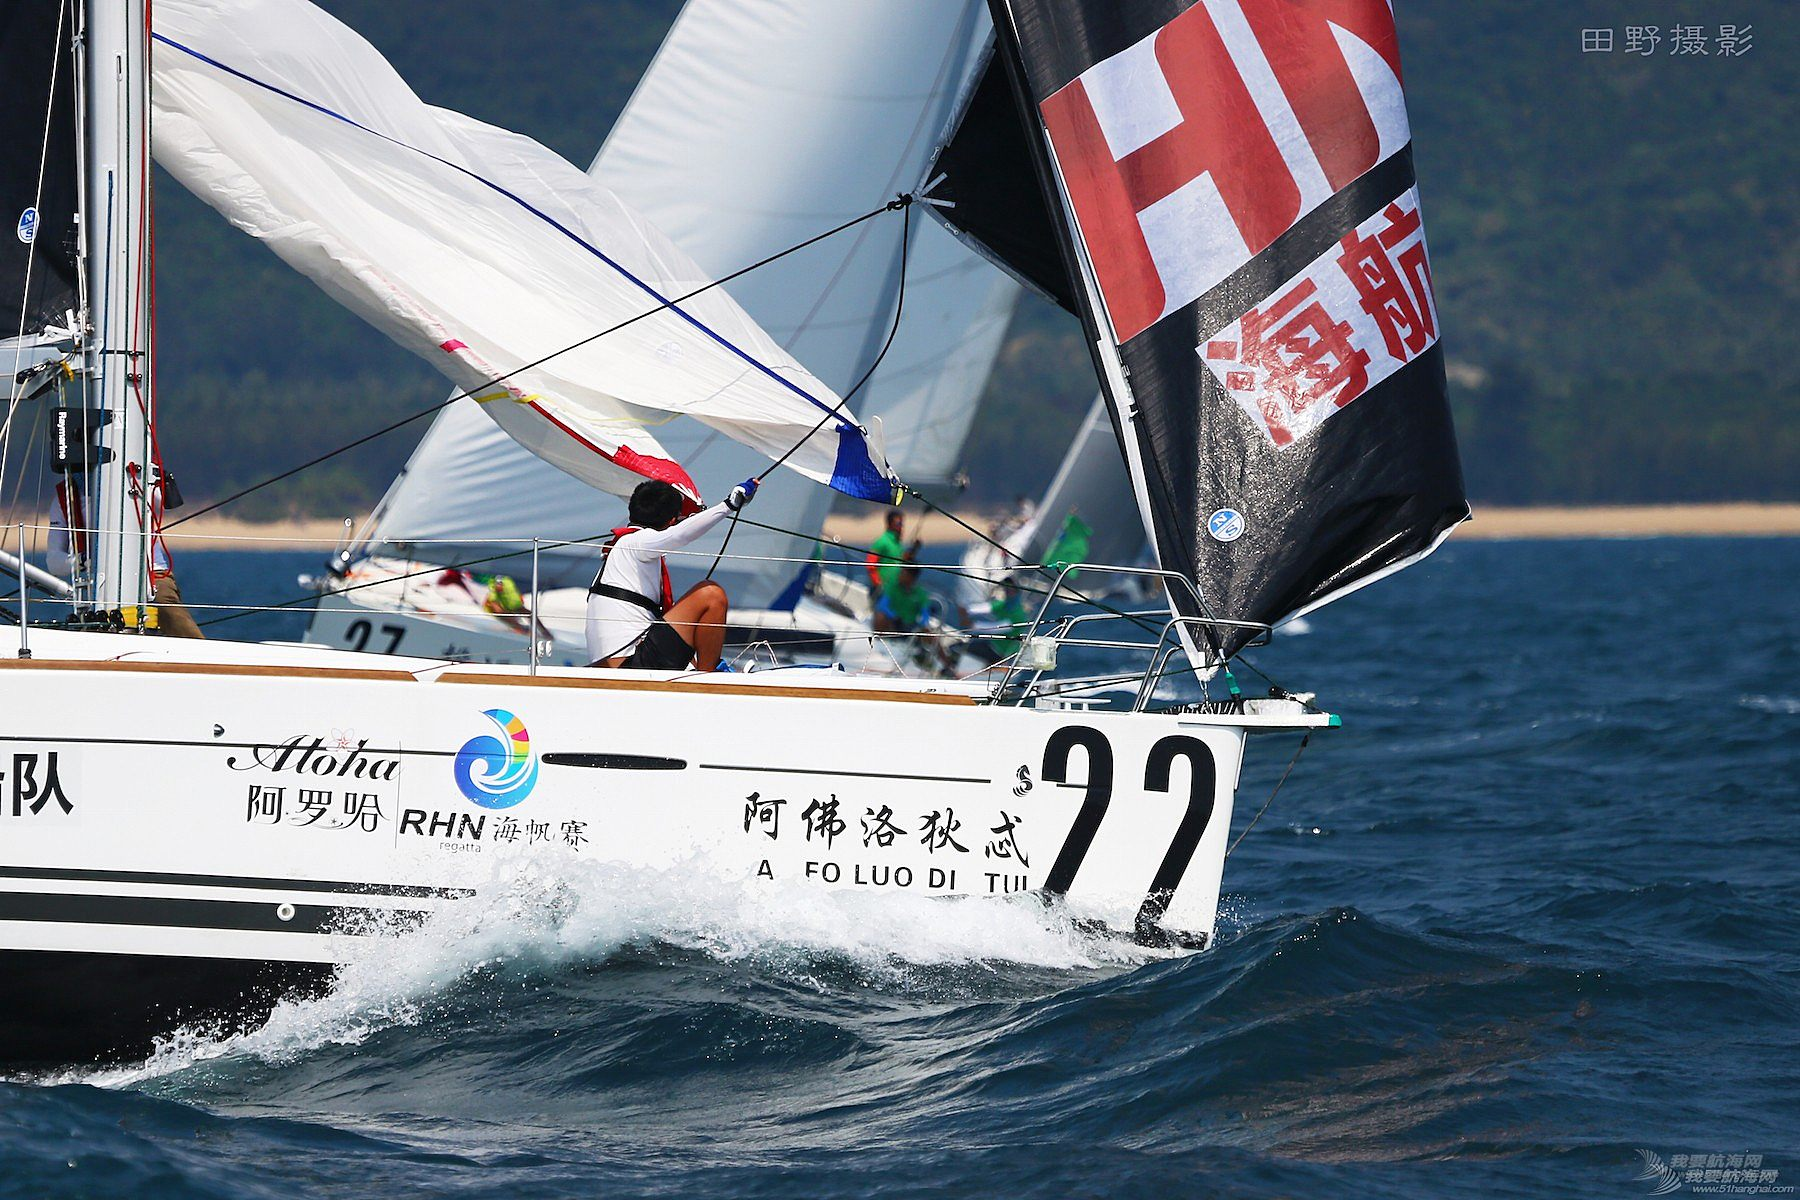 图片,万宁 田野镜头里的海帆赛-暨2016阿罗哈杯环海南岛国际大帆船赛第5日